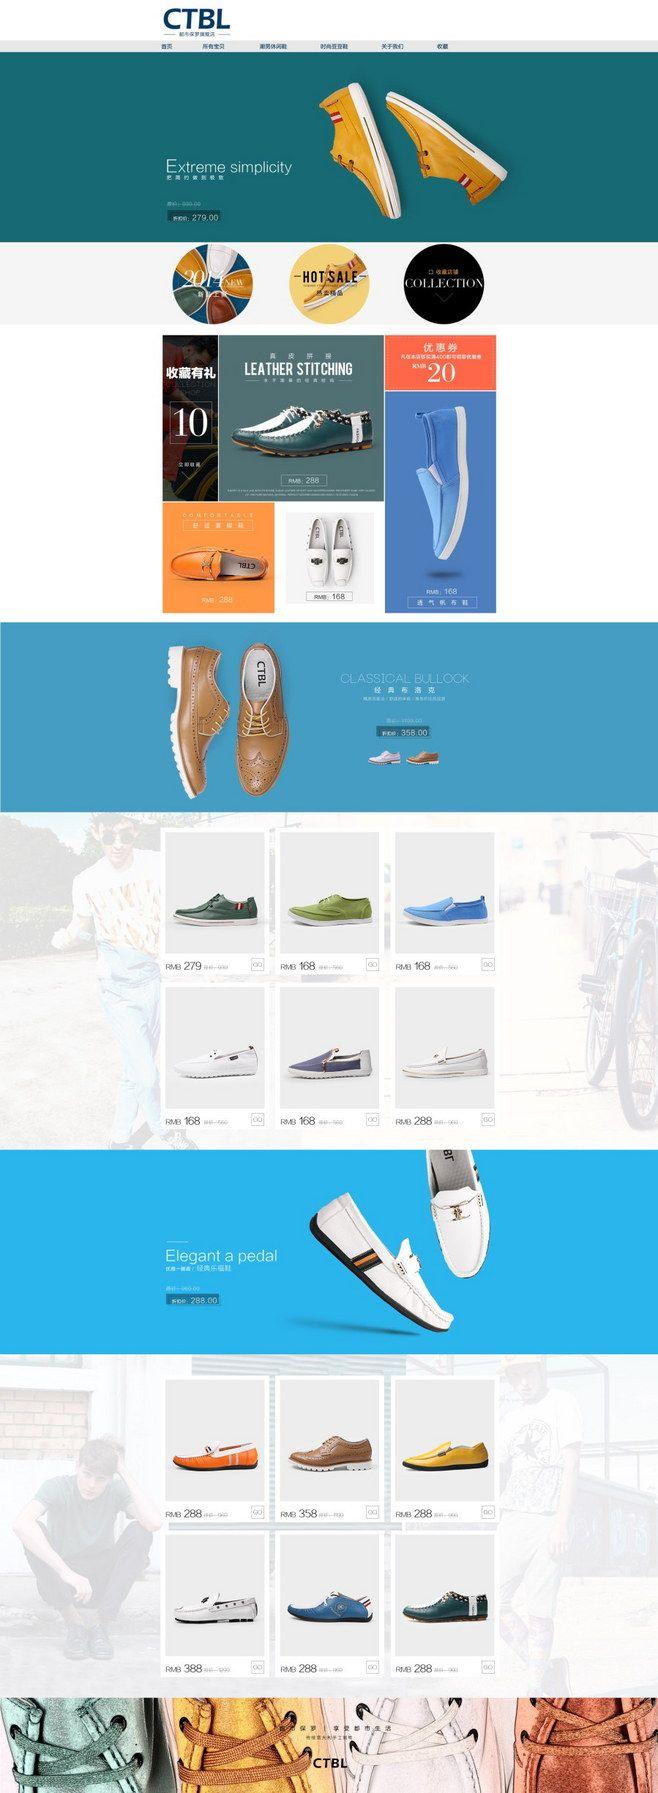 原创作品:男鞋首页设计